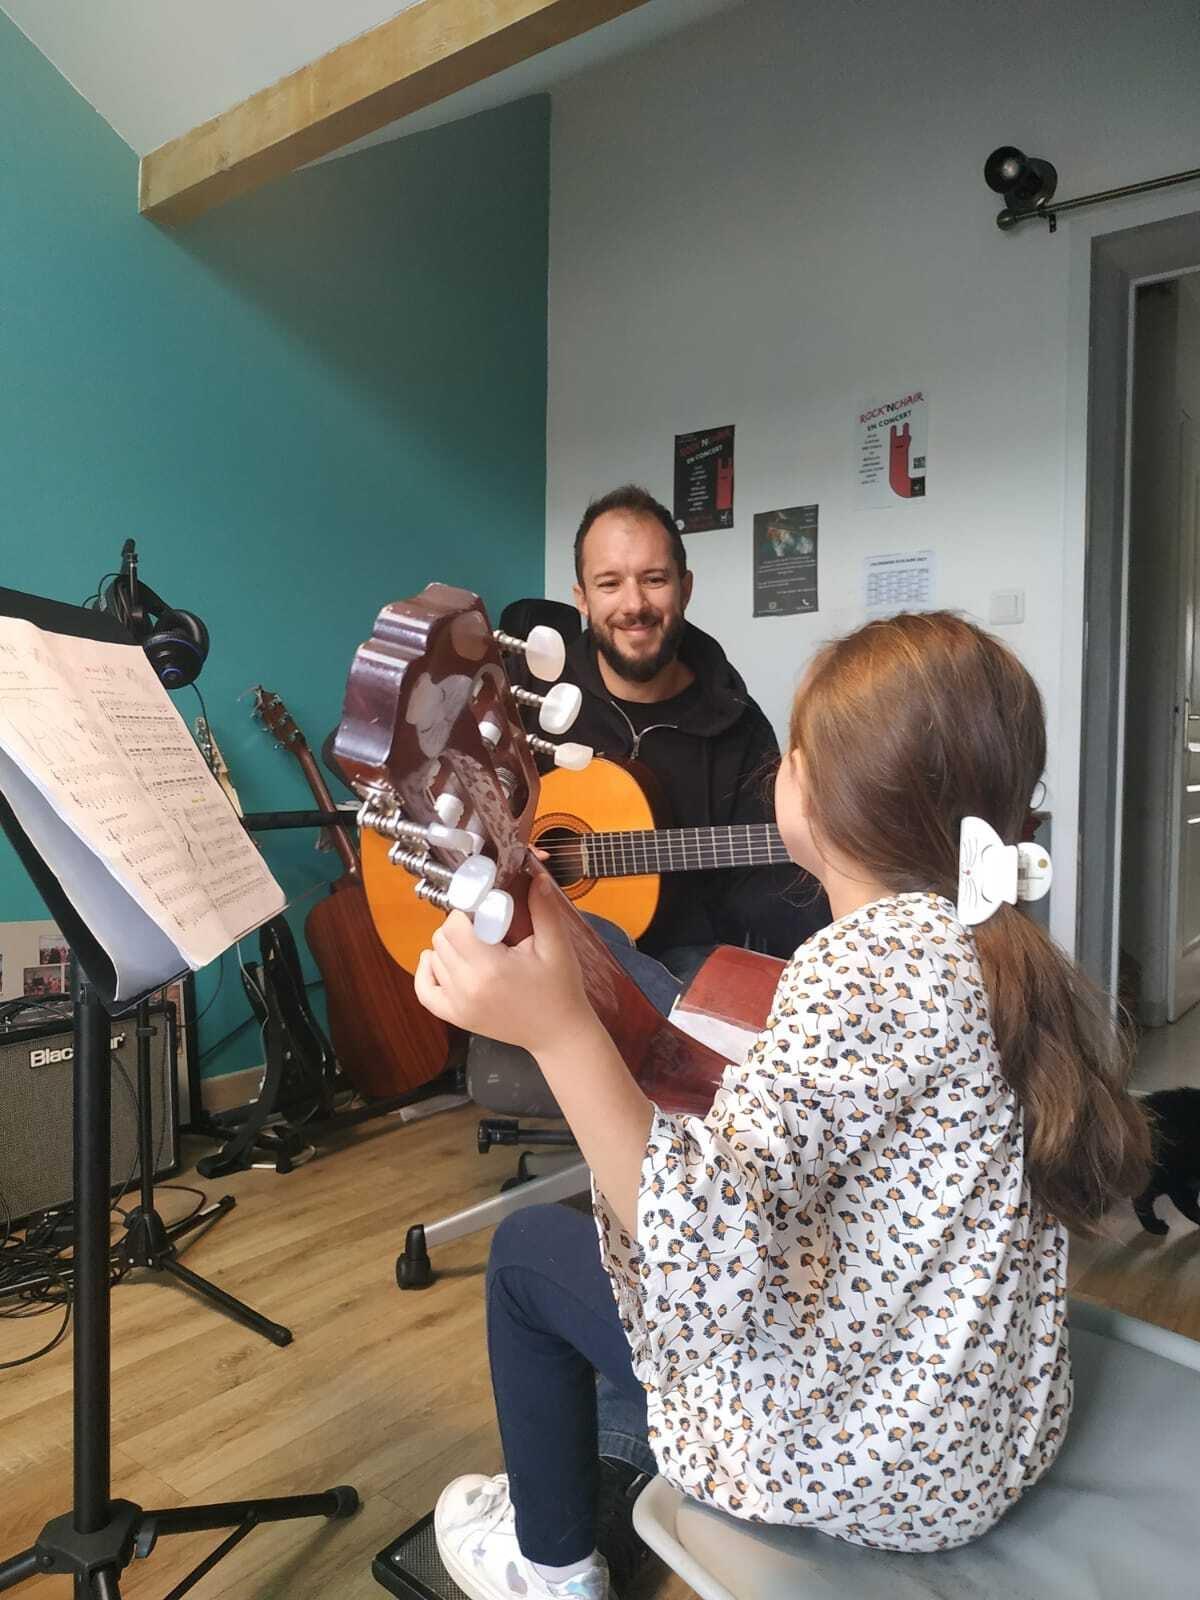 Apprendre la guitare en s'amusant avec Christophe Pisicchio - Christophe Pisicchio - Professeur de guitare à Vaulnaveys-le-Bas